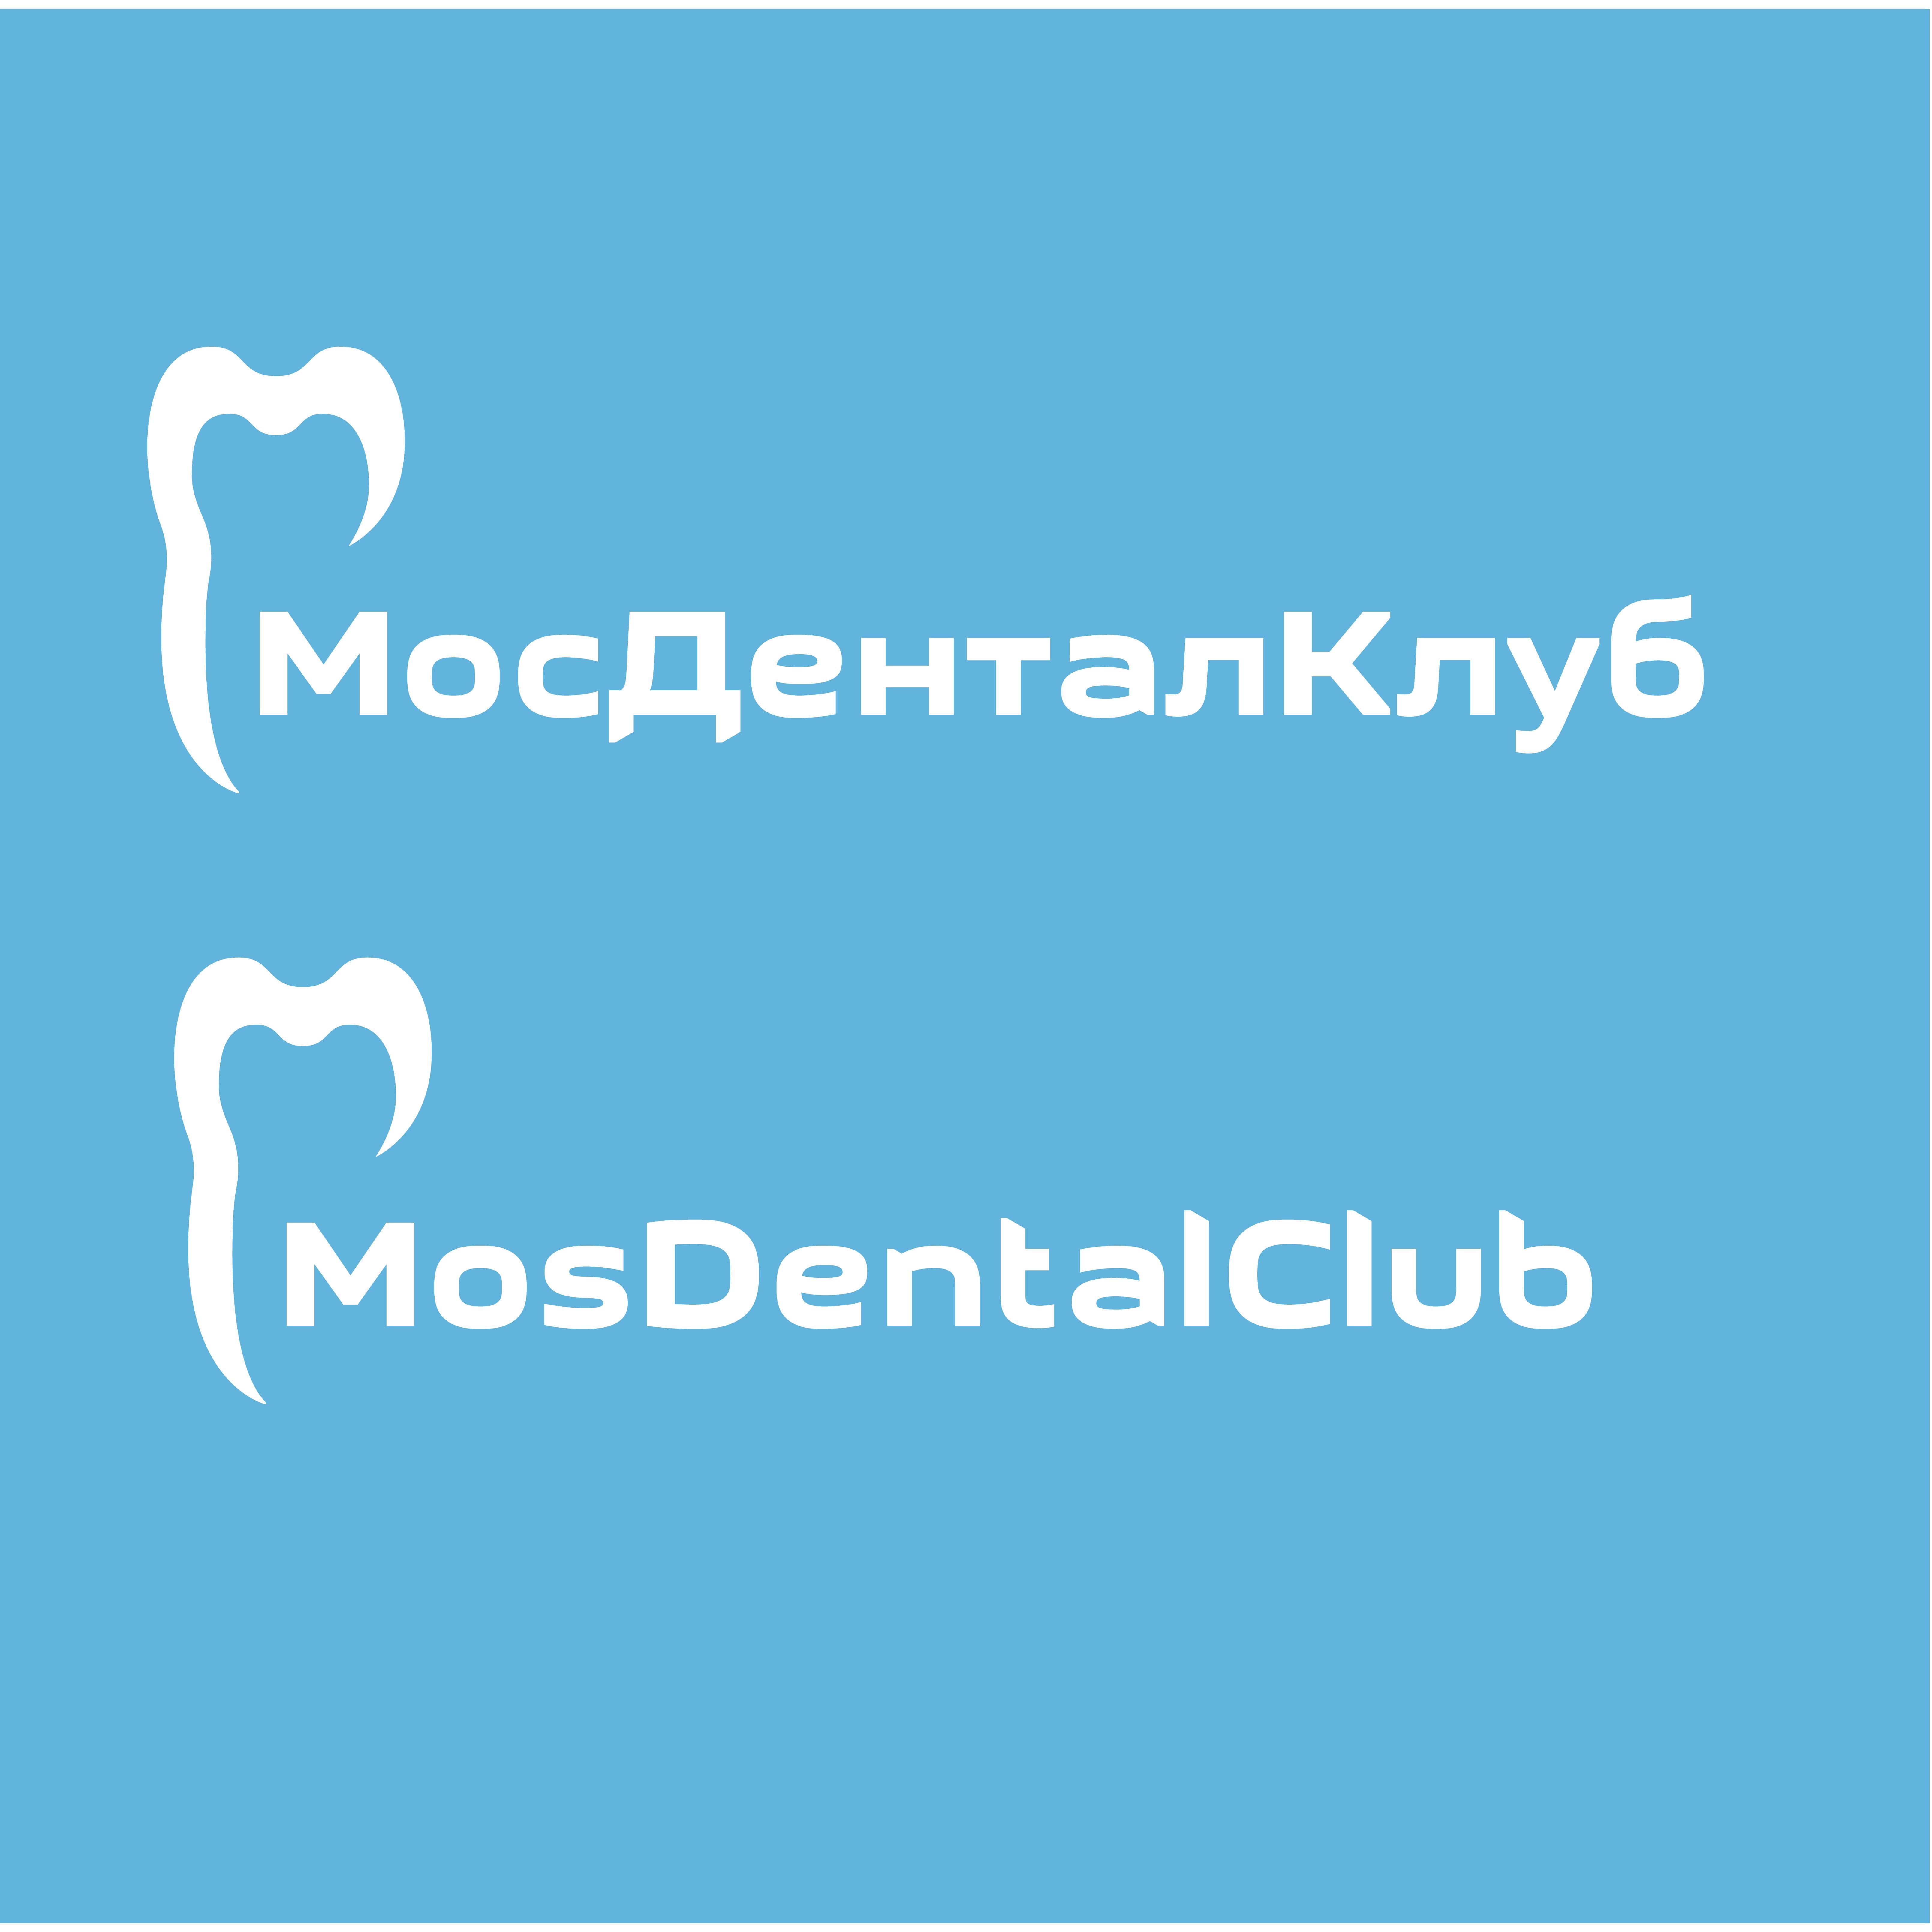 Разработка логотипа стоматологического медицинского центра фото f_1655e47e4baaaa51.jpg